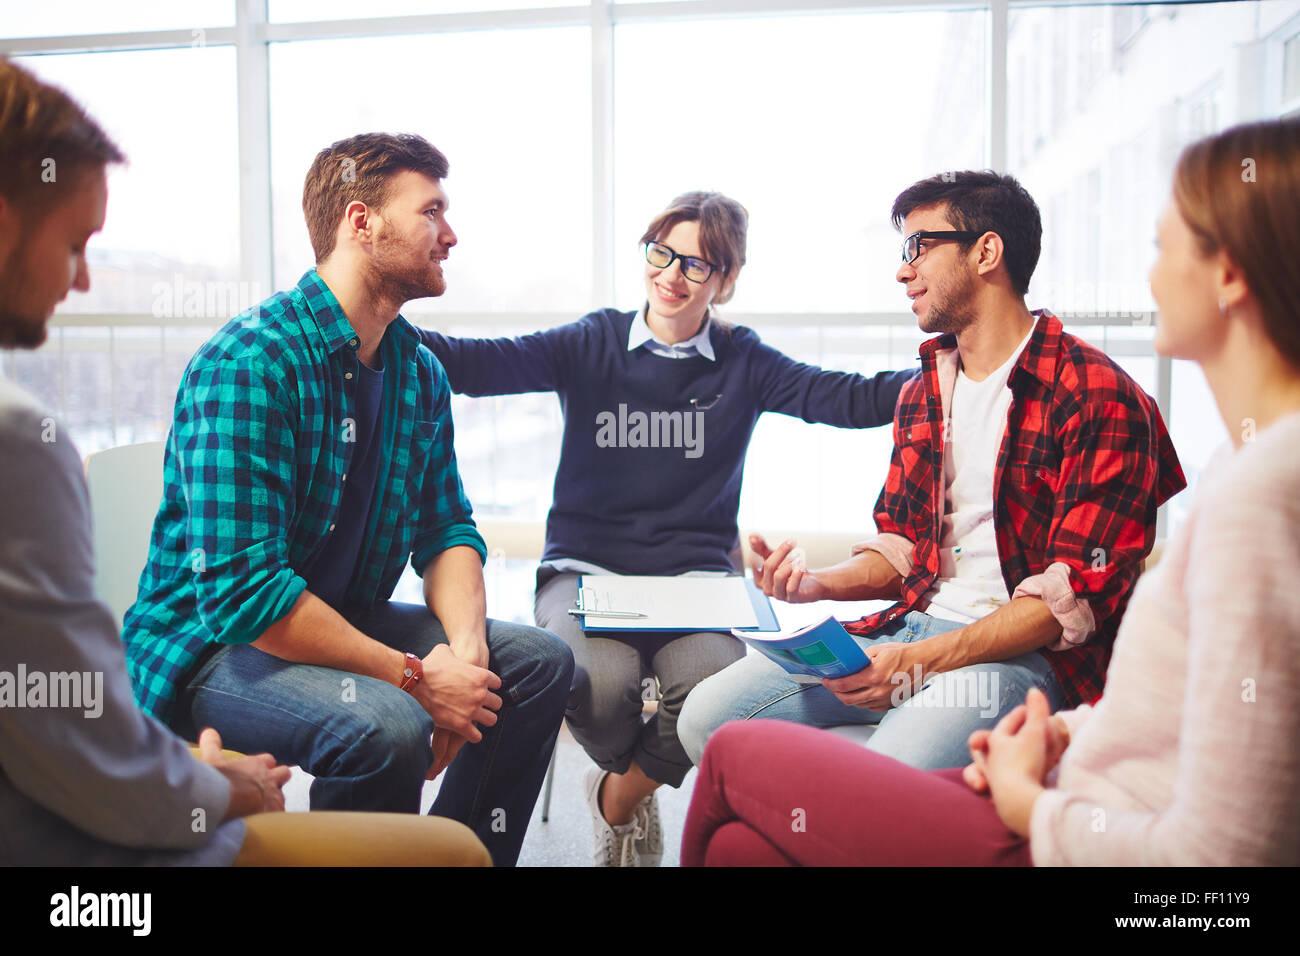 Feliz joven apoyando a sus amigos la decisión en el curso de terapia psicológica Imagen De Stock